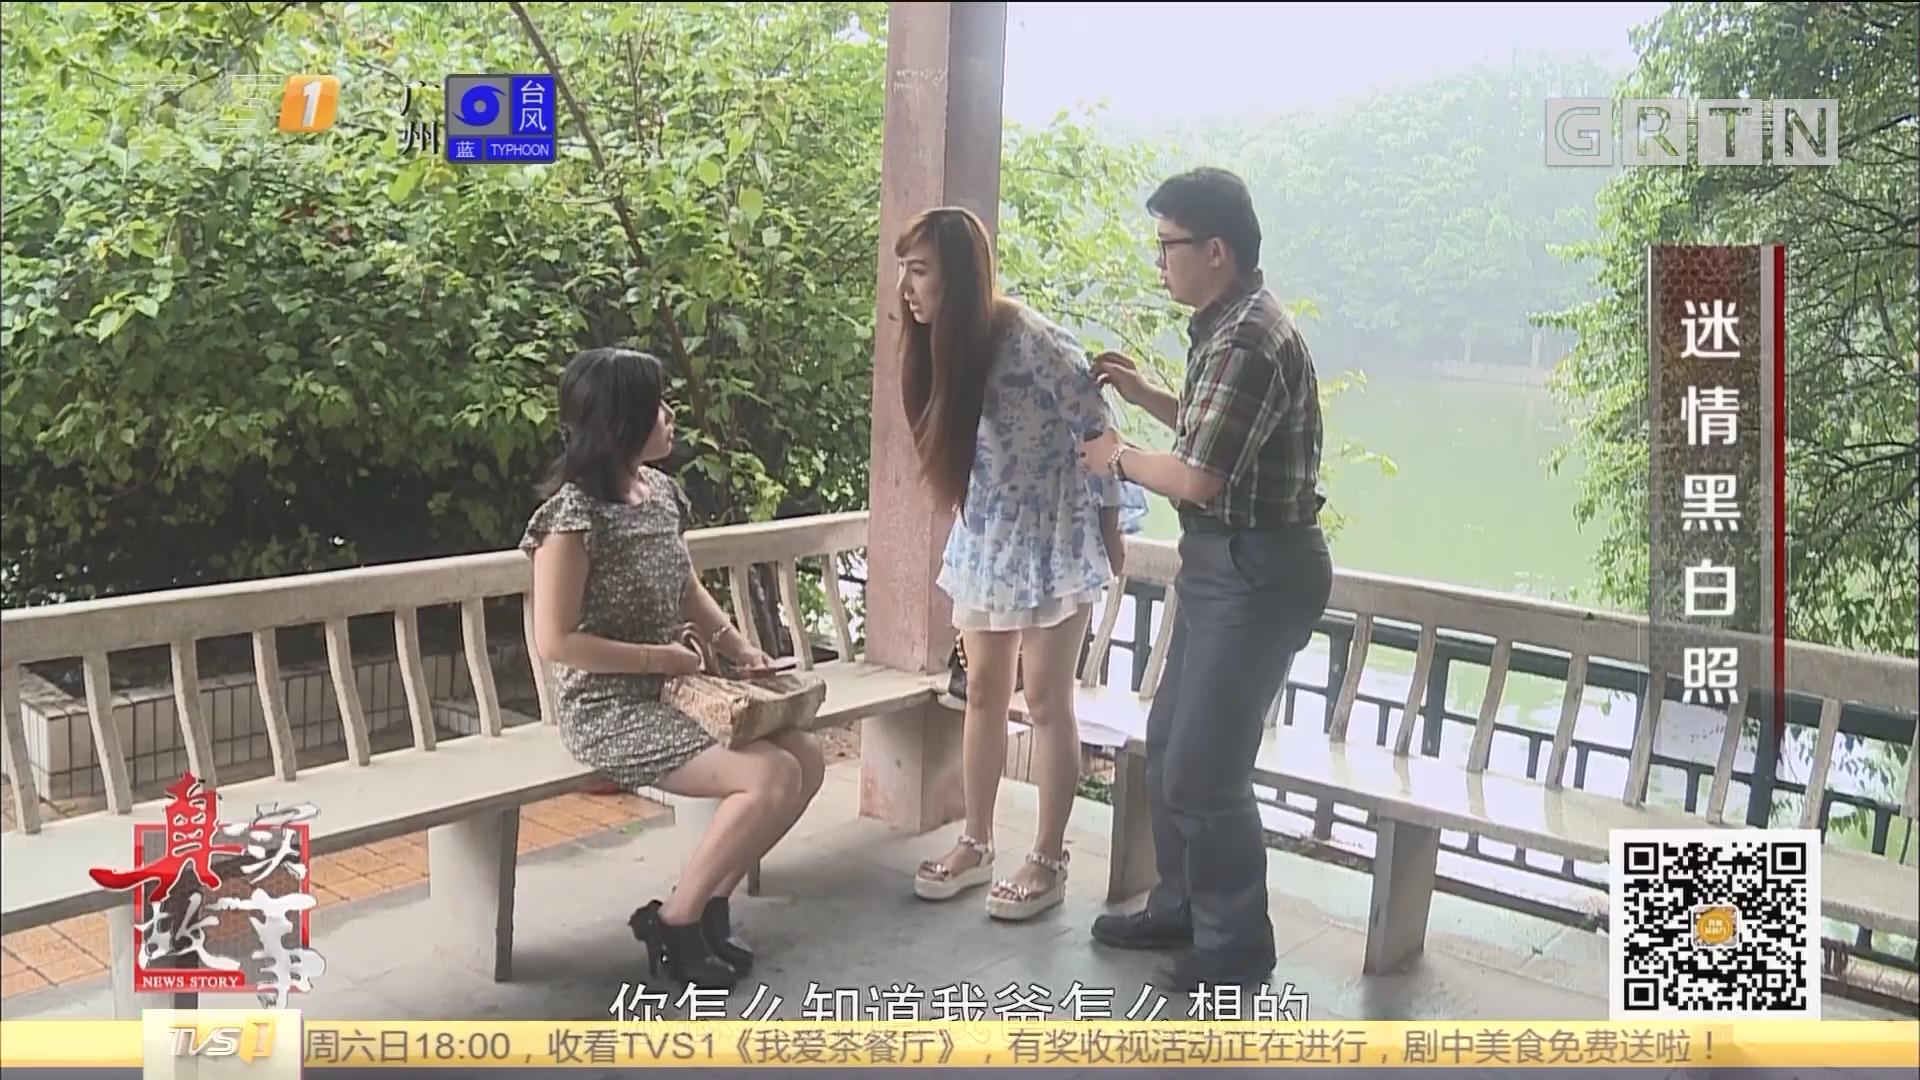 [HD][2017-06-12]真实故事:迷情黑白照